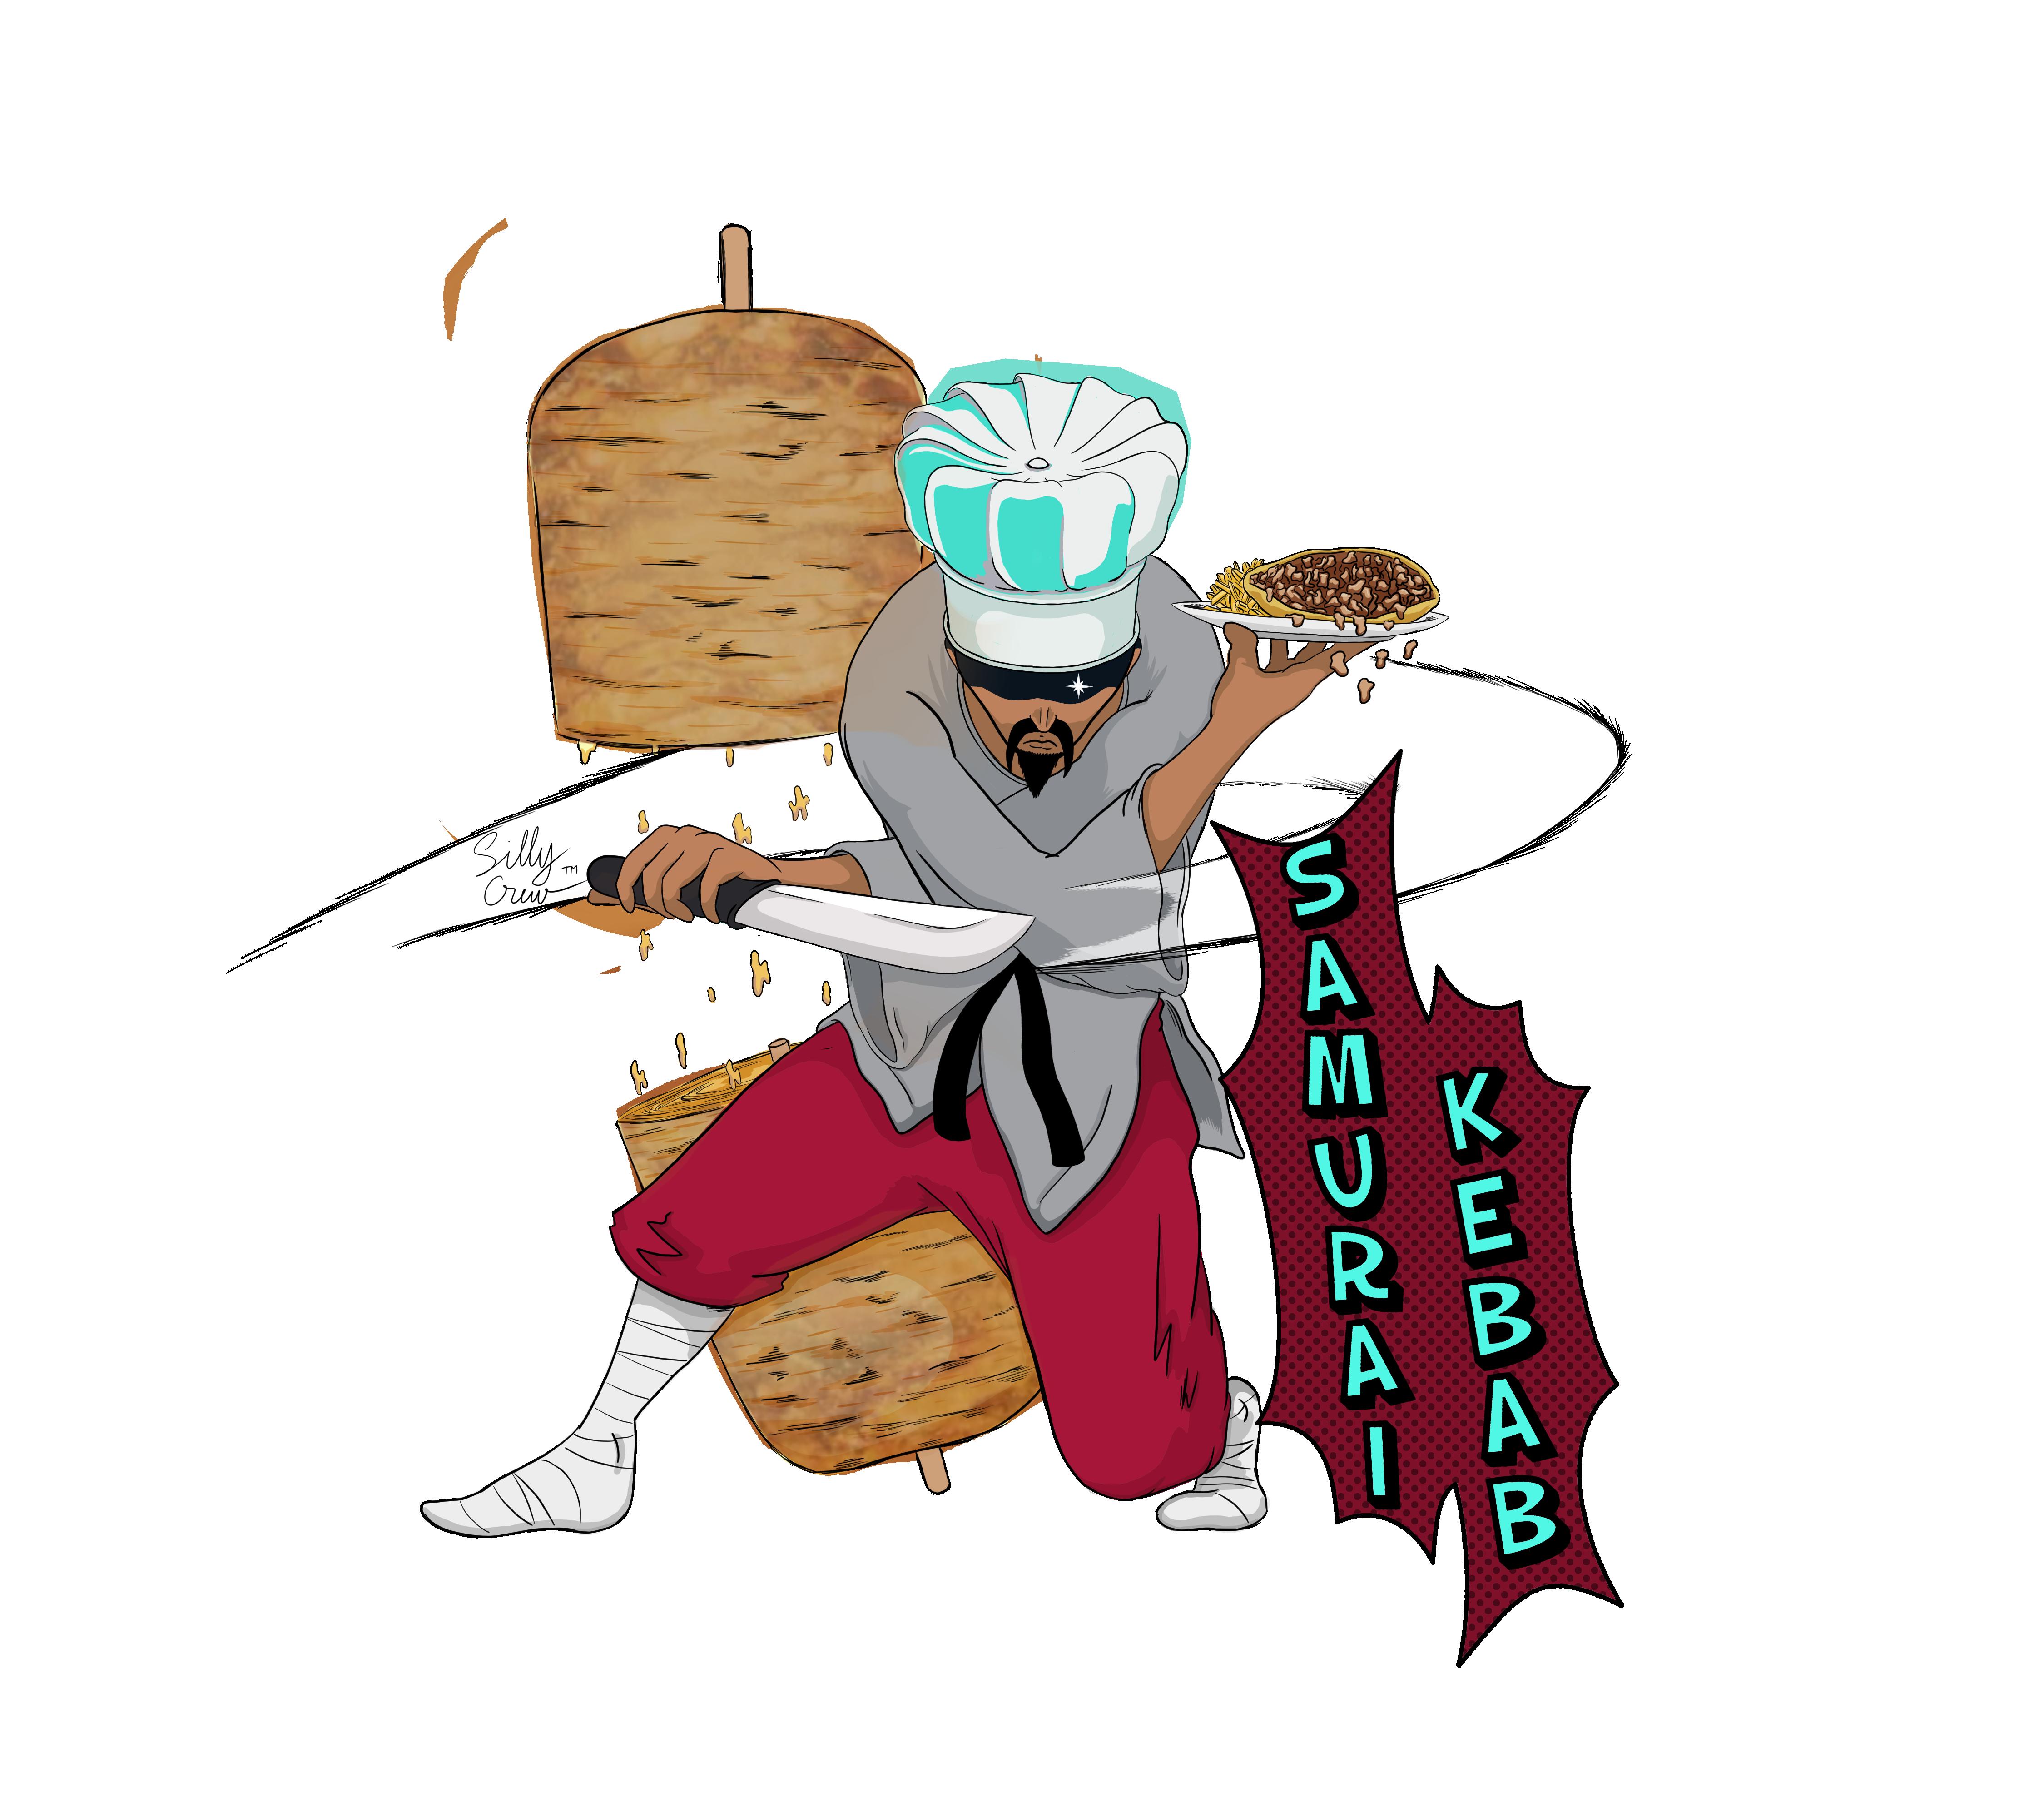 Samurai Kebab